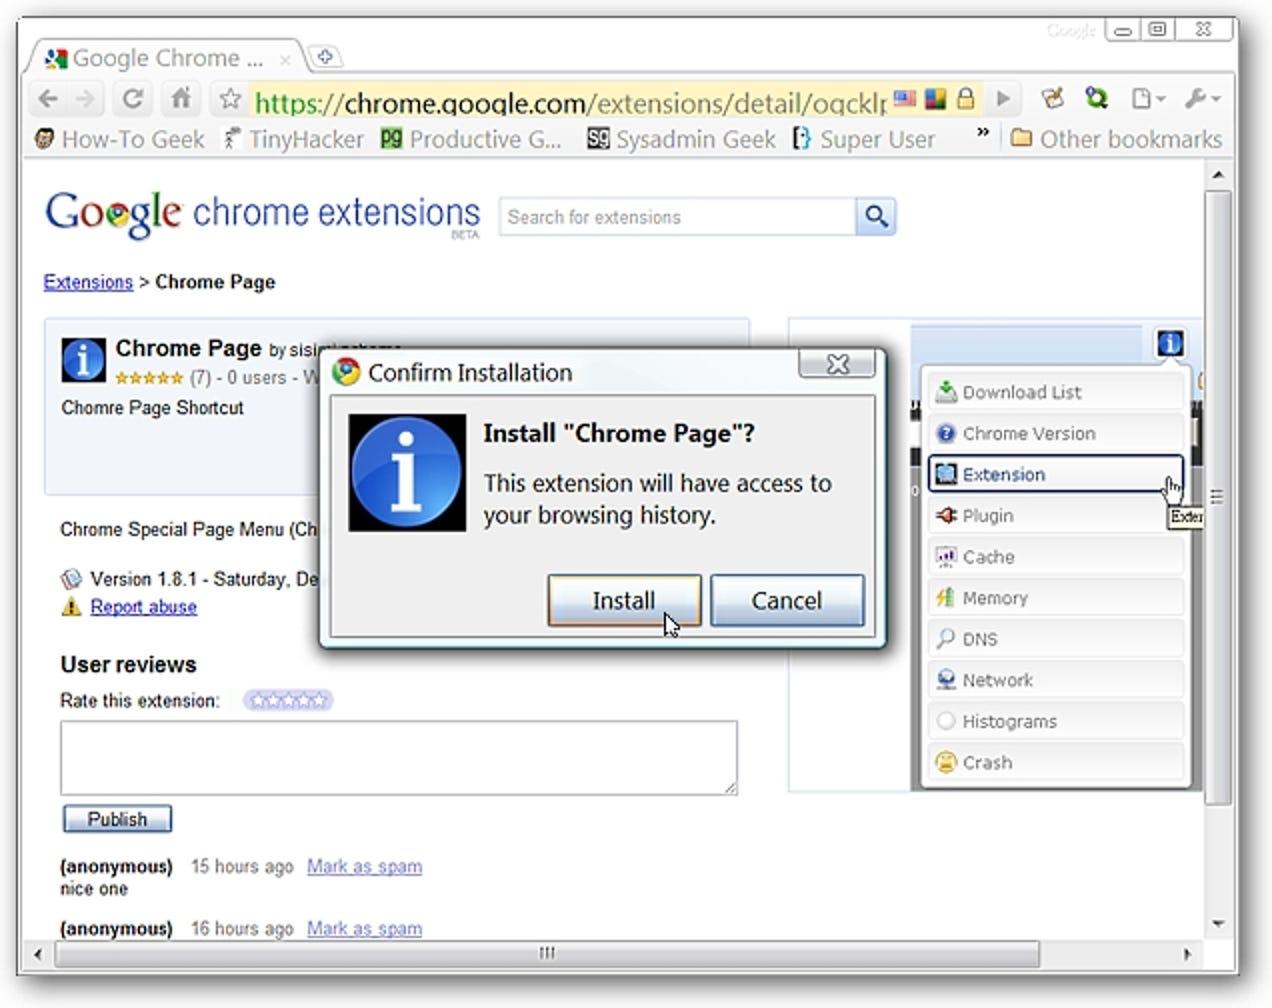 Greifen Sie ganz einfach auf die Sonderseiten von Google Chrome zu